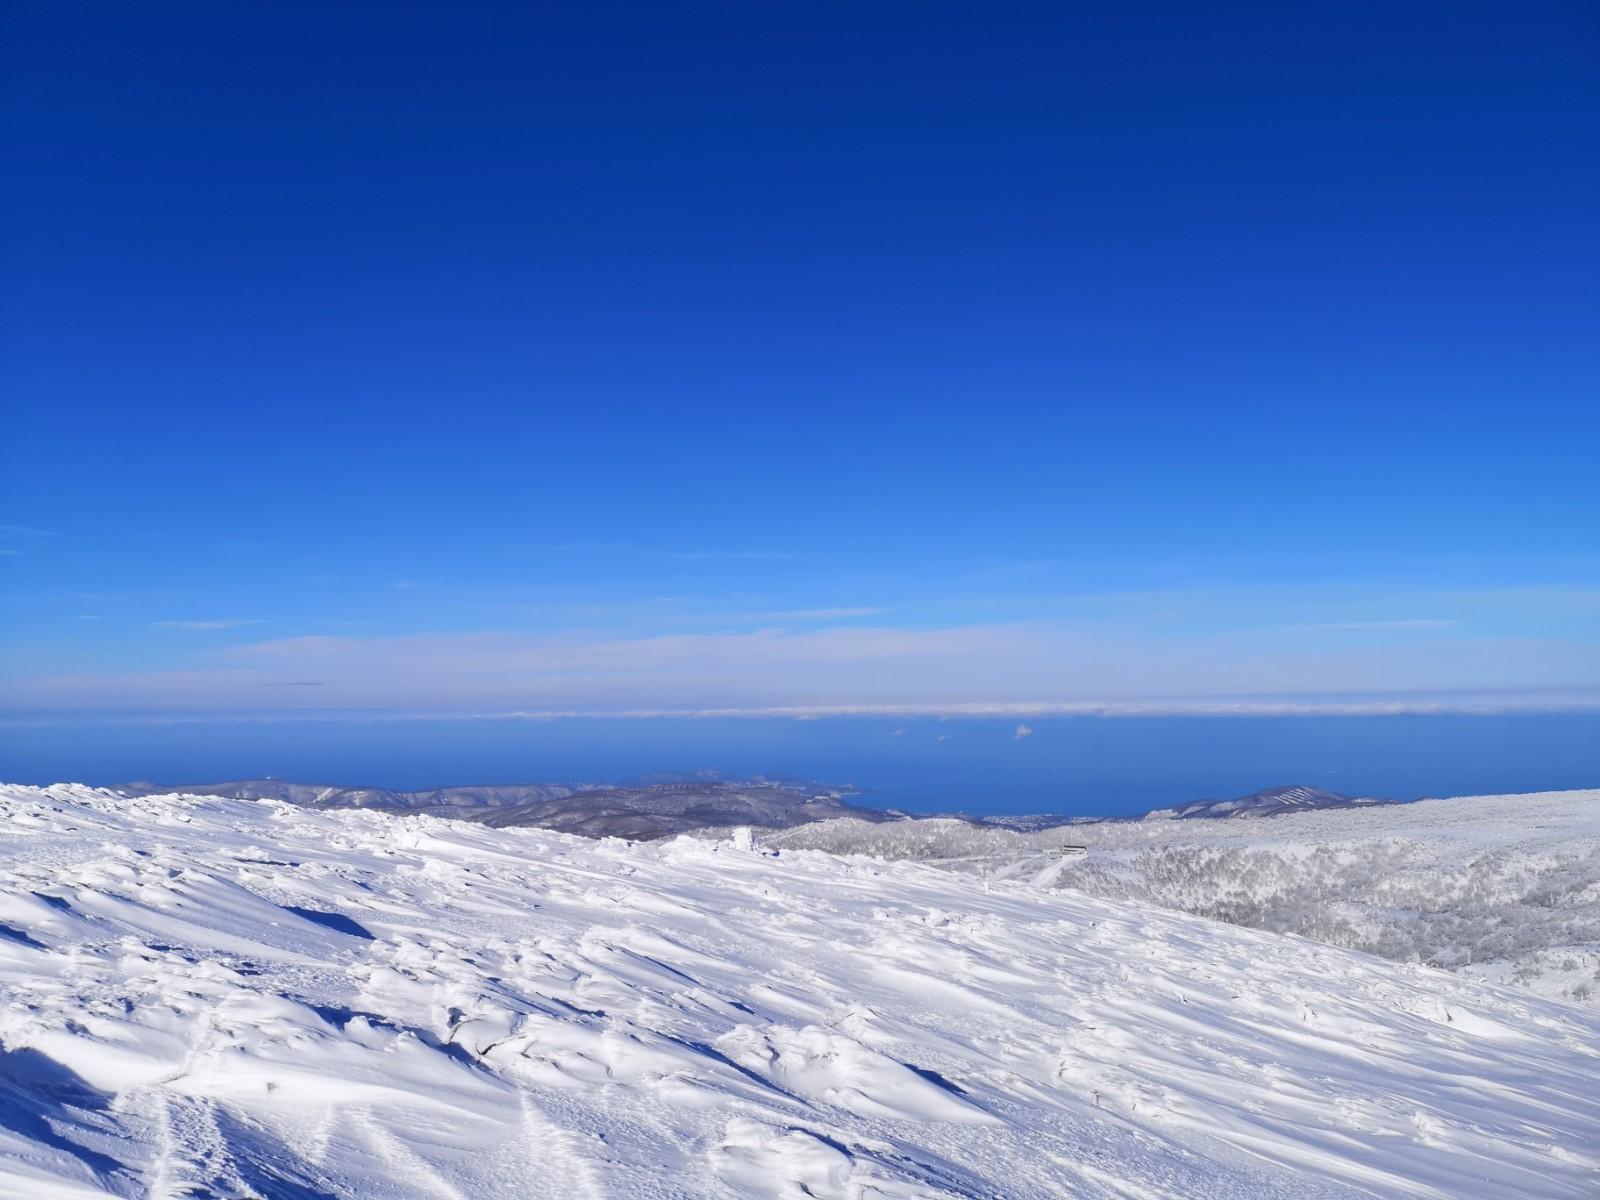 BCスキー 余市岳_d0198793_13505847.jpg